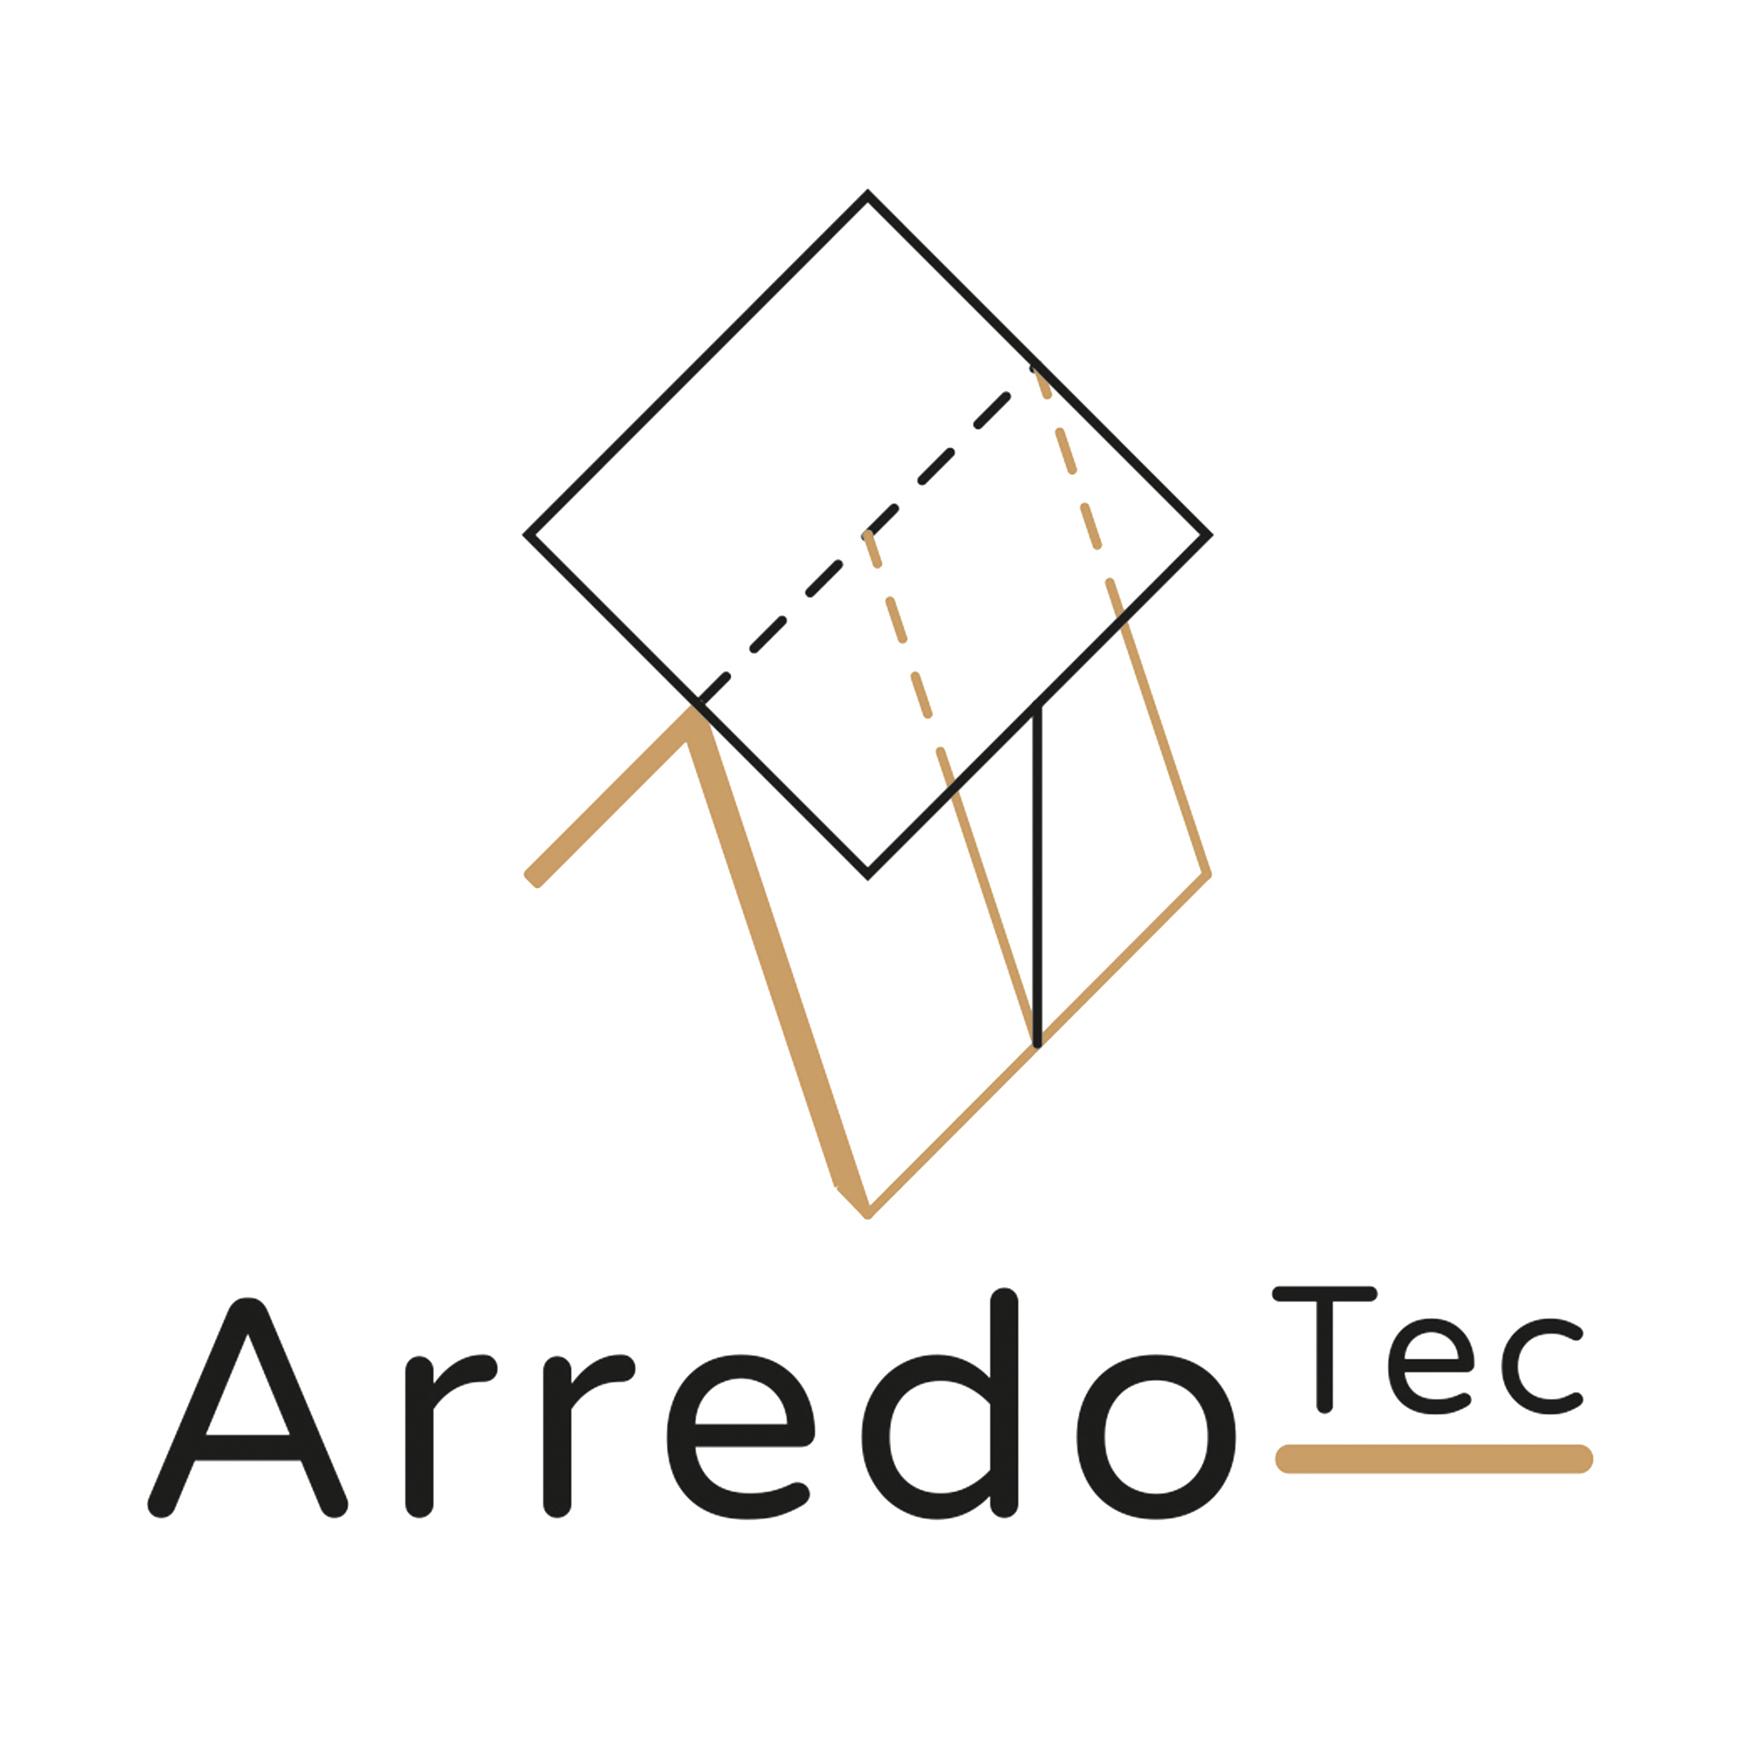 ArredoTec 14ottobre